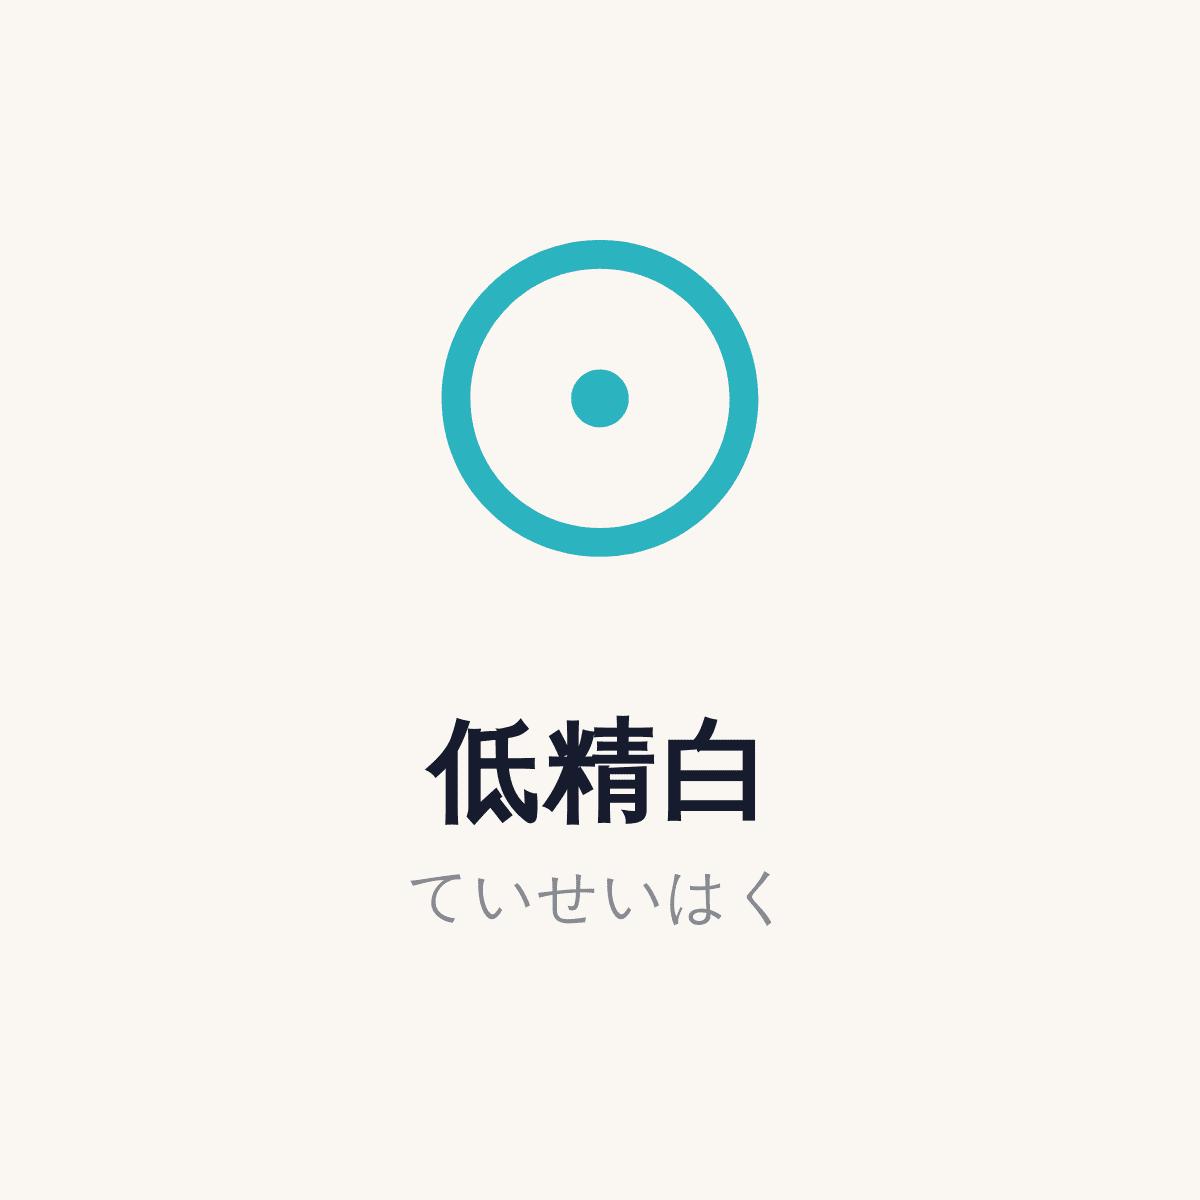 低精白ロゴ